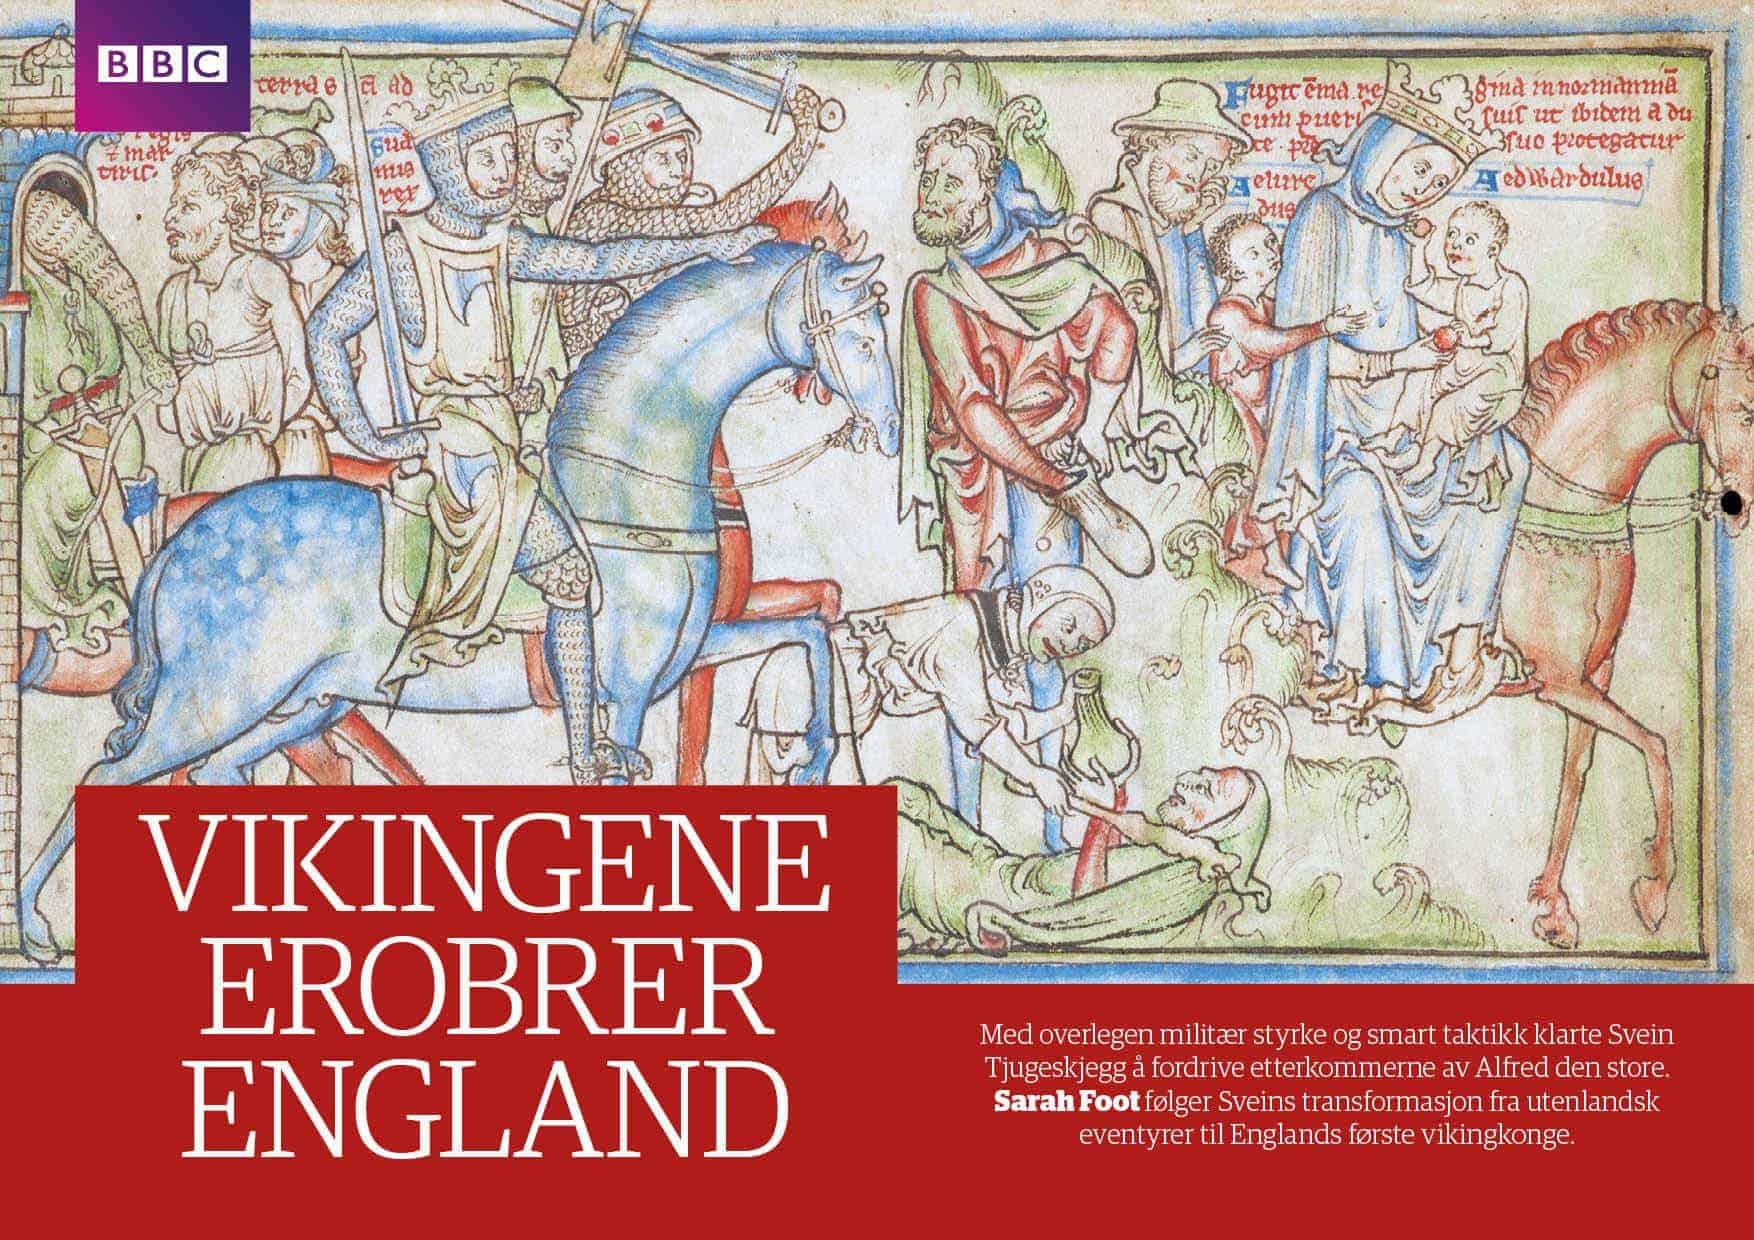 Vikingene erobrer England